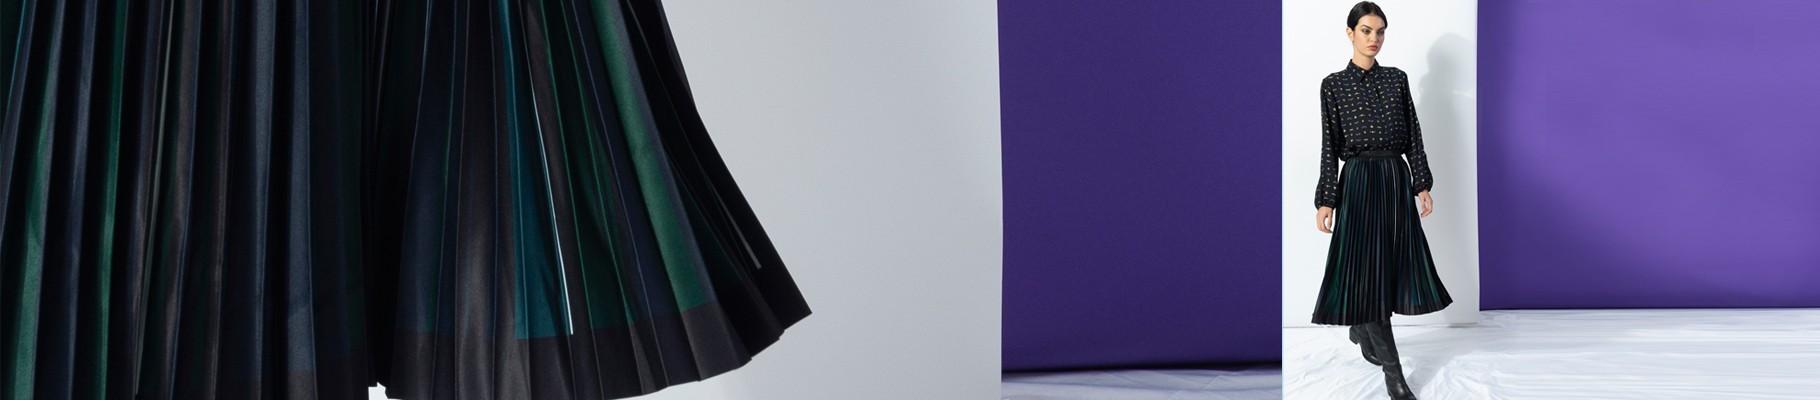 Faldas Estampadas de Mujer – Colección Invierno ANONYME